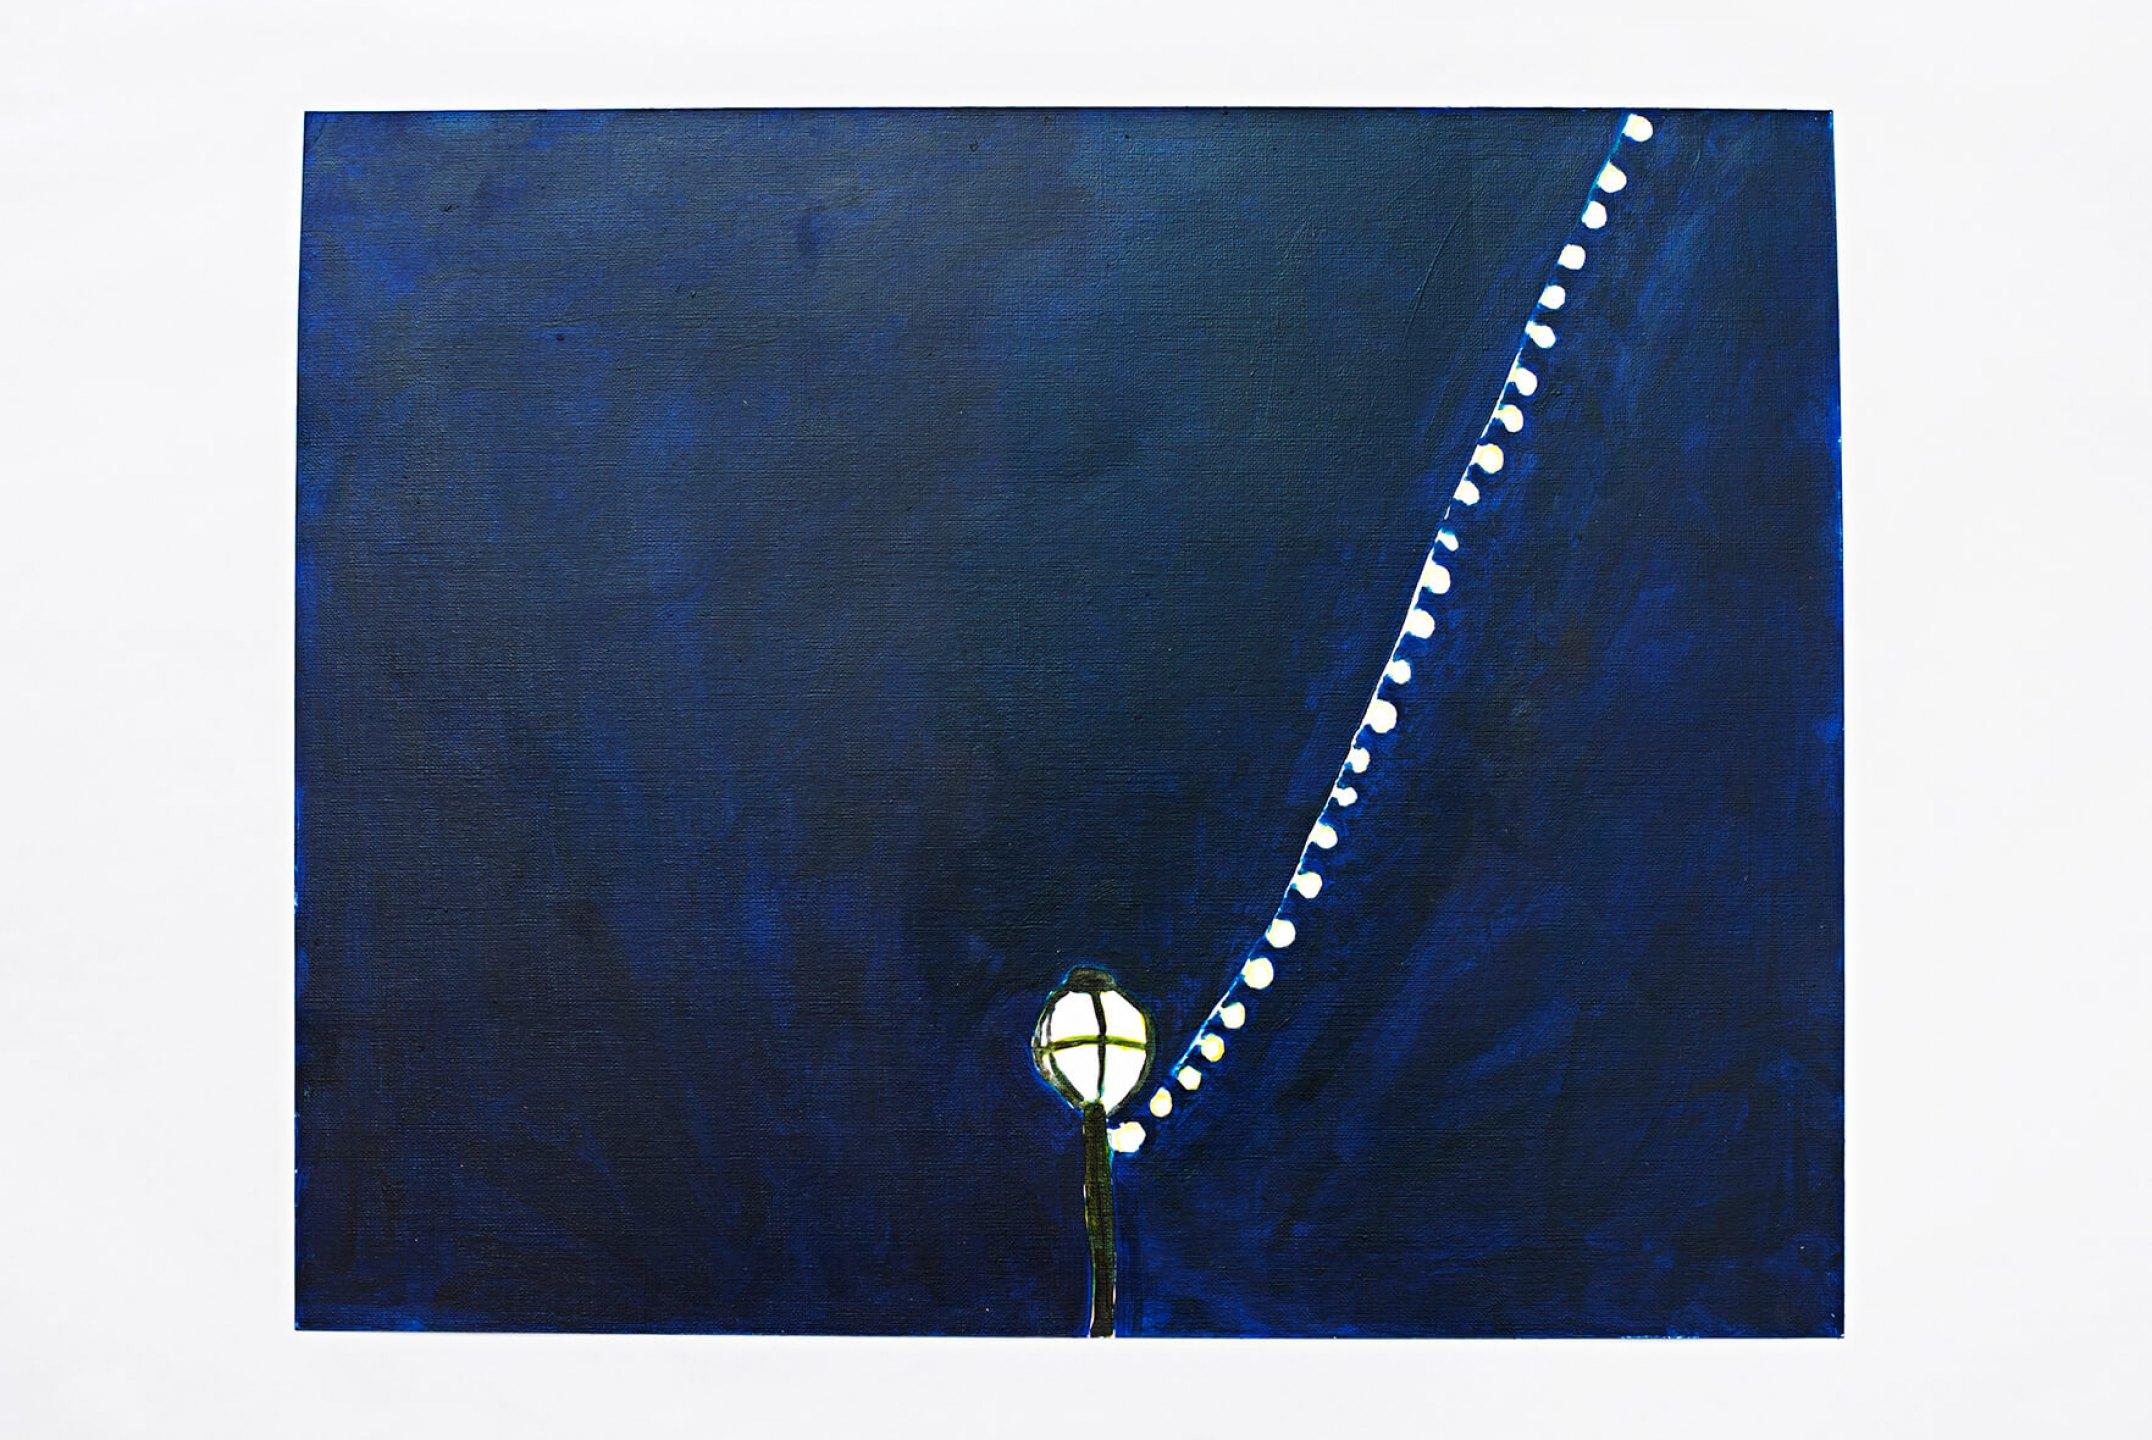 Patricia Leite, <em>Lamppost,</em>2013, oil on paper, 33 × 41 cm - Mendes Wood DM